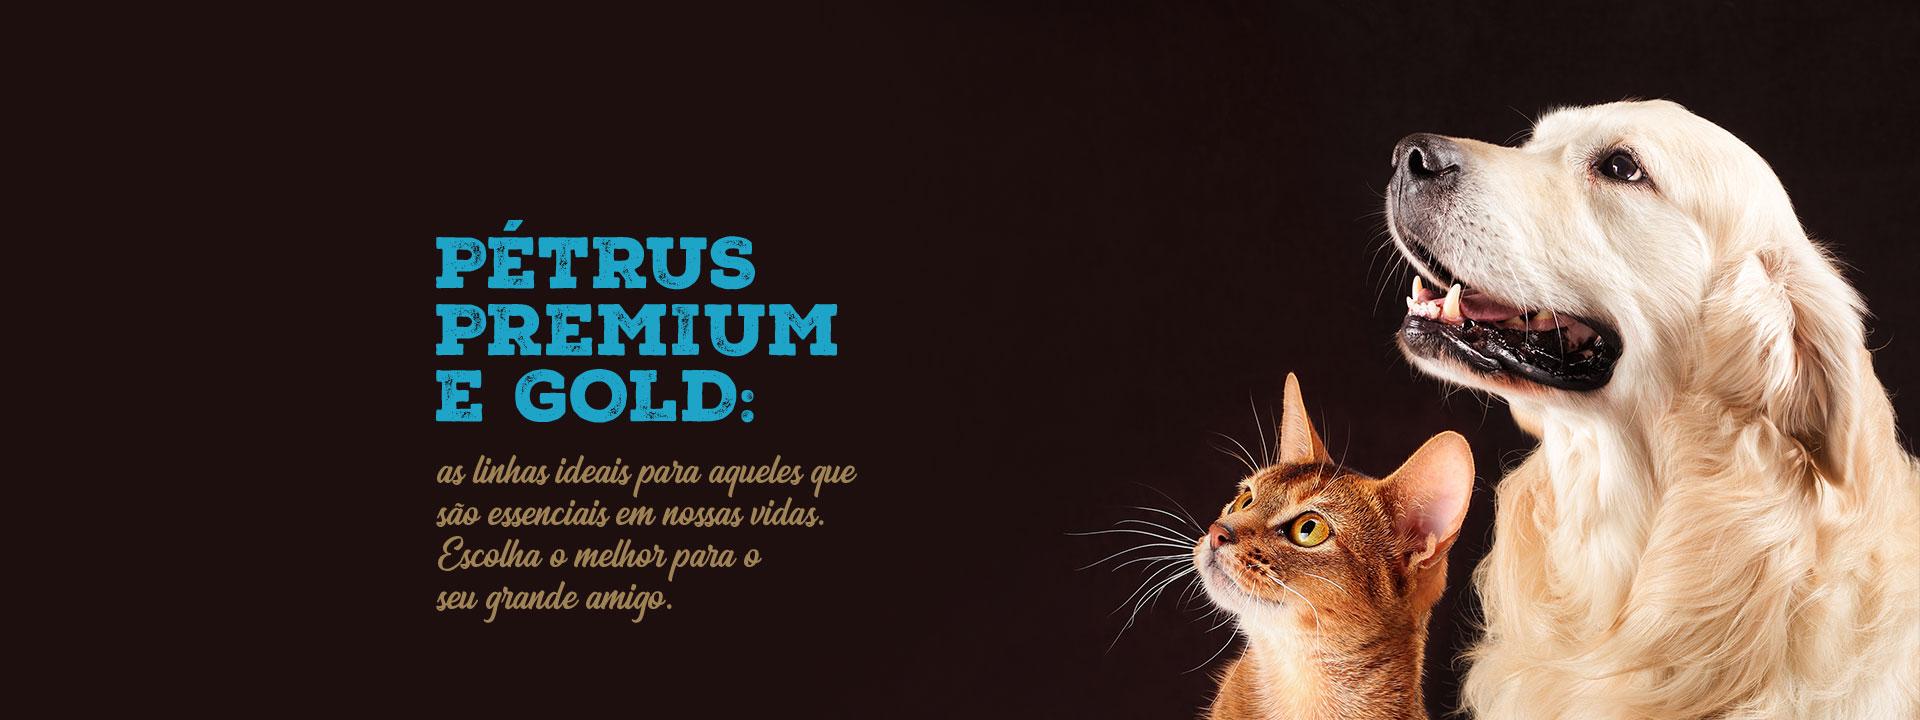 Pétrus Premium Gold